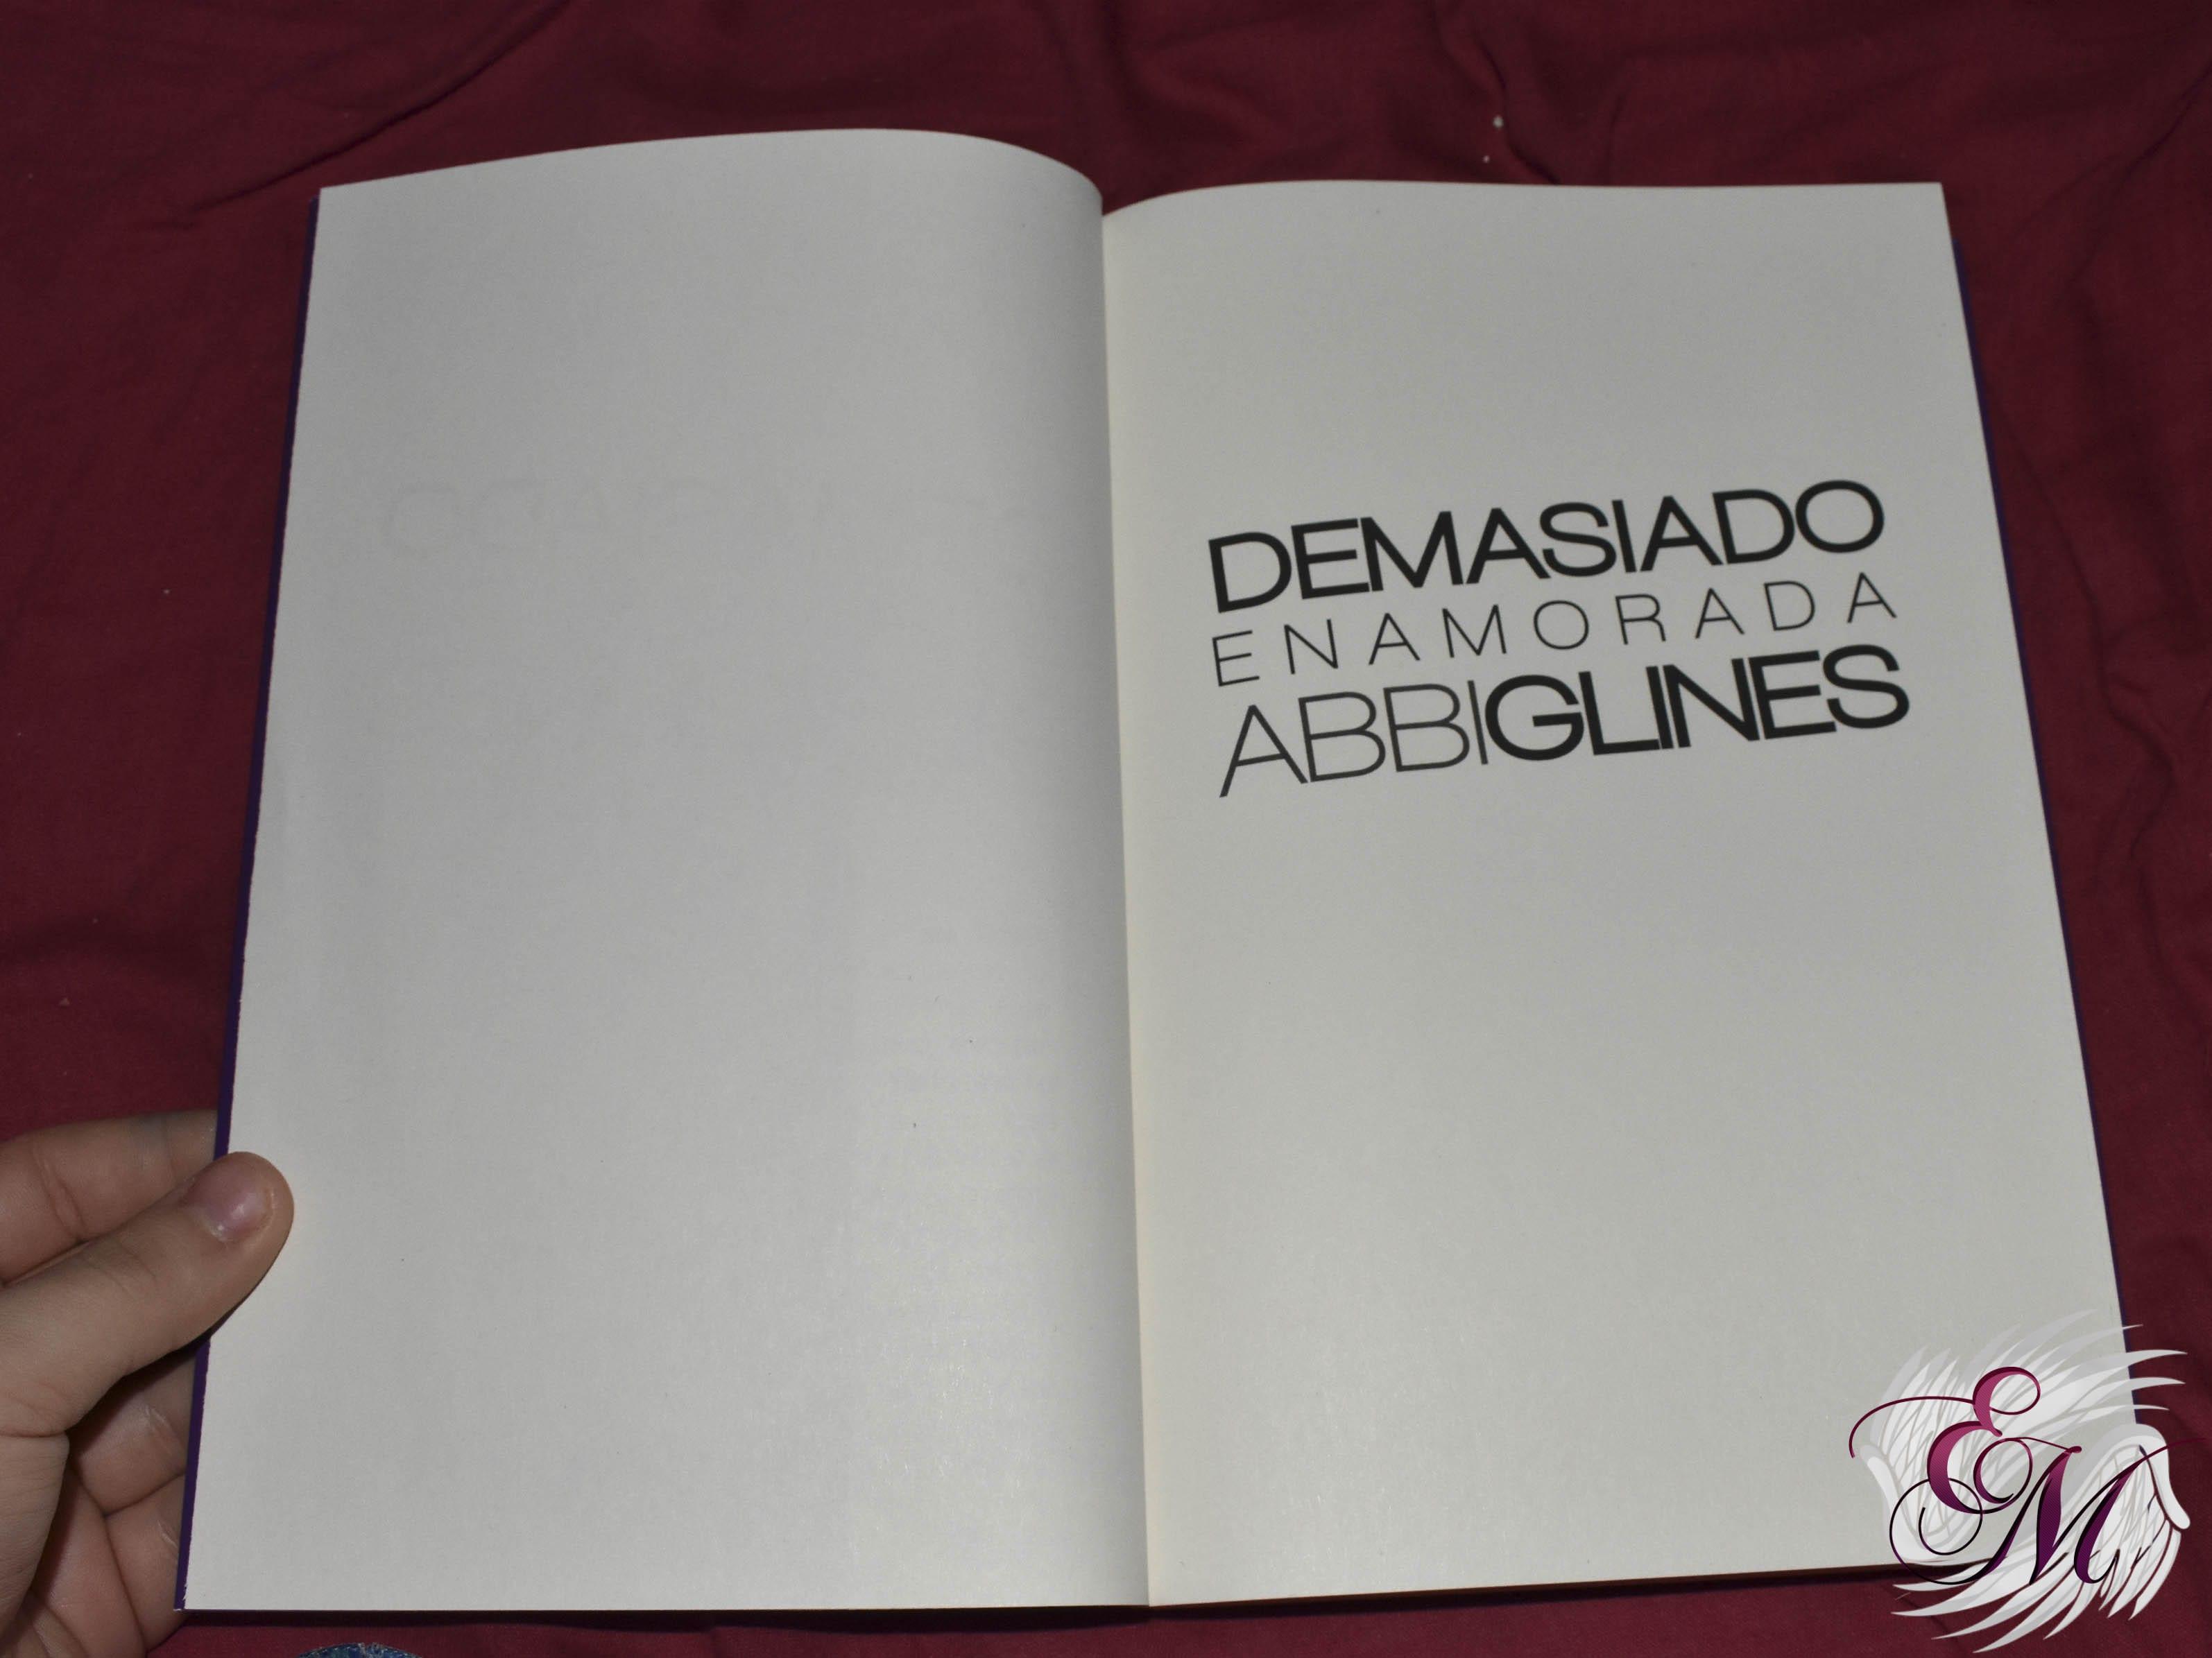 Demasiado enamorada, de Abbi Glines - Reseña